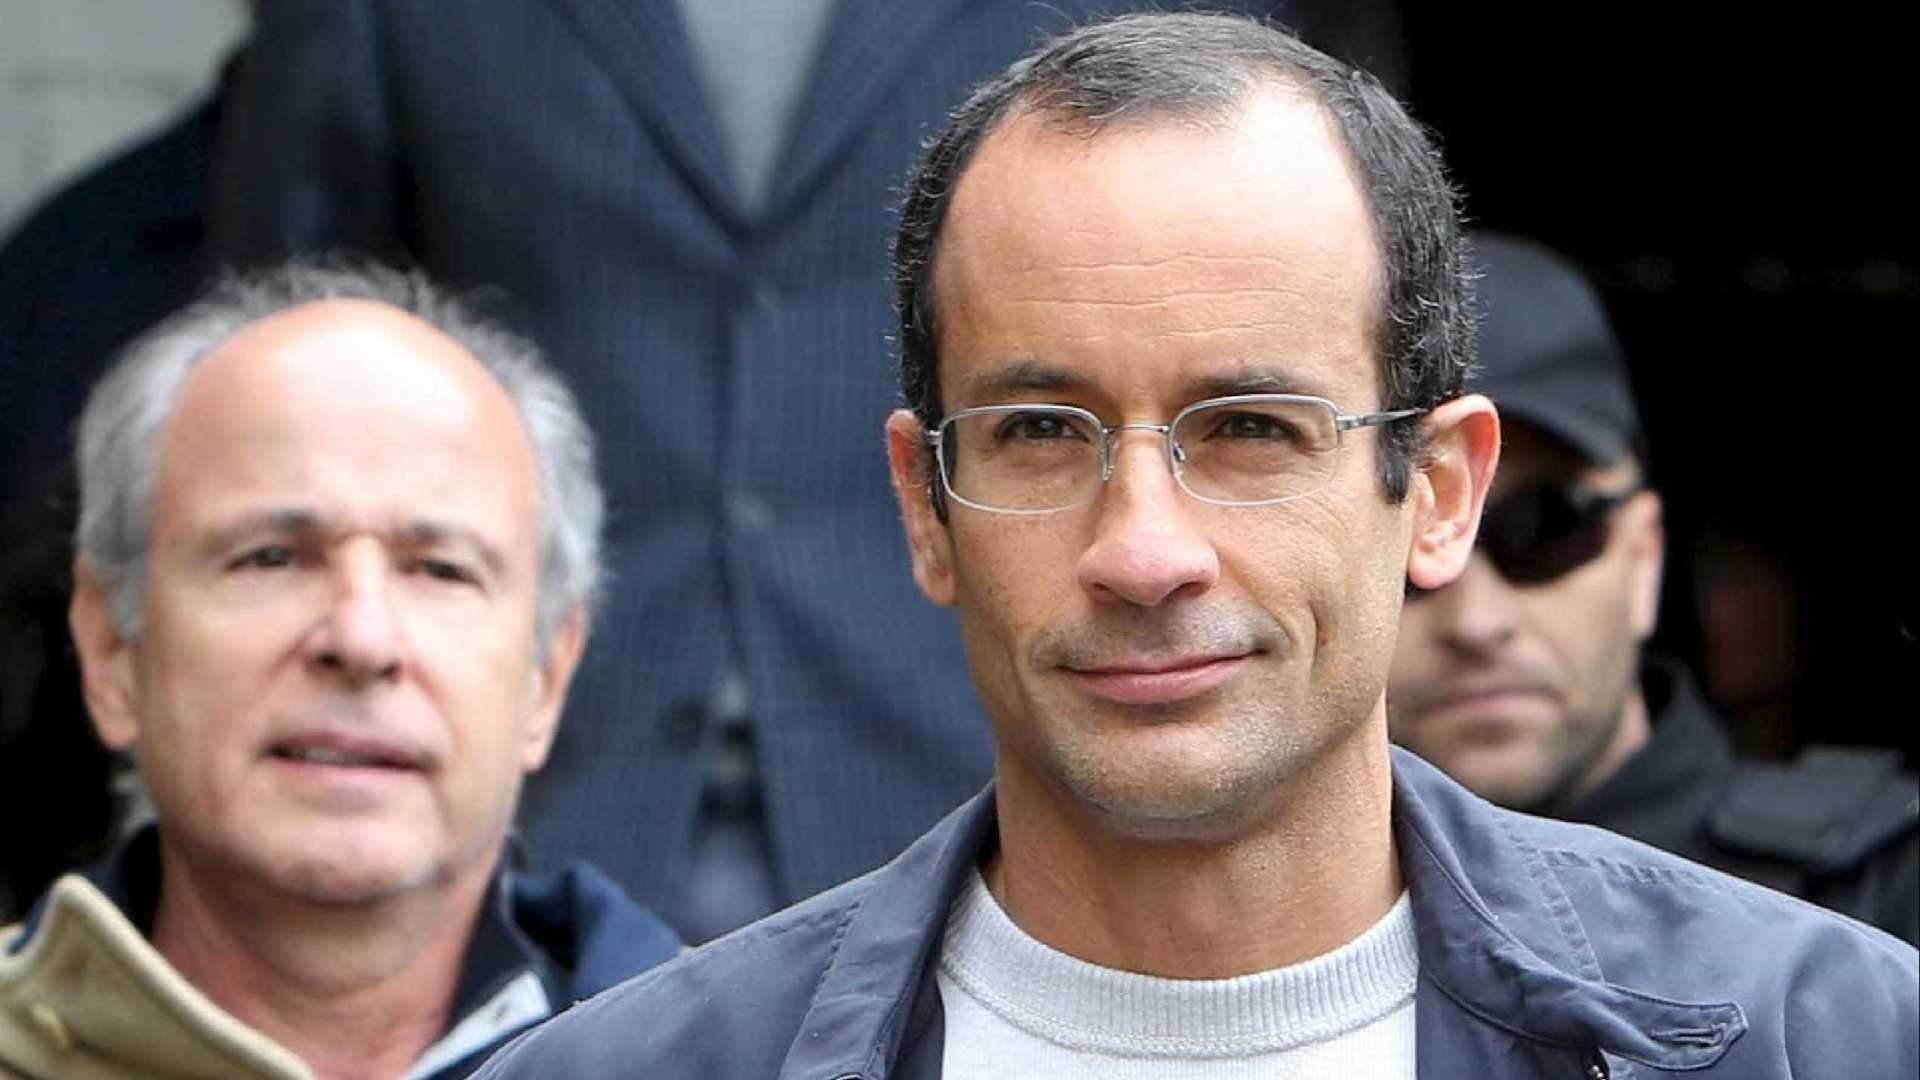 Odebrecht justifica encontro com delatores: 'Todos merecem 2ª chance'